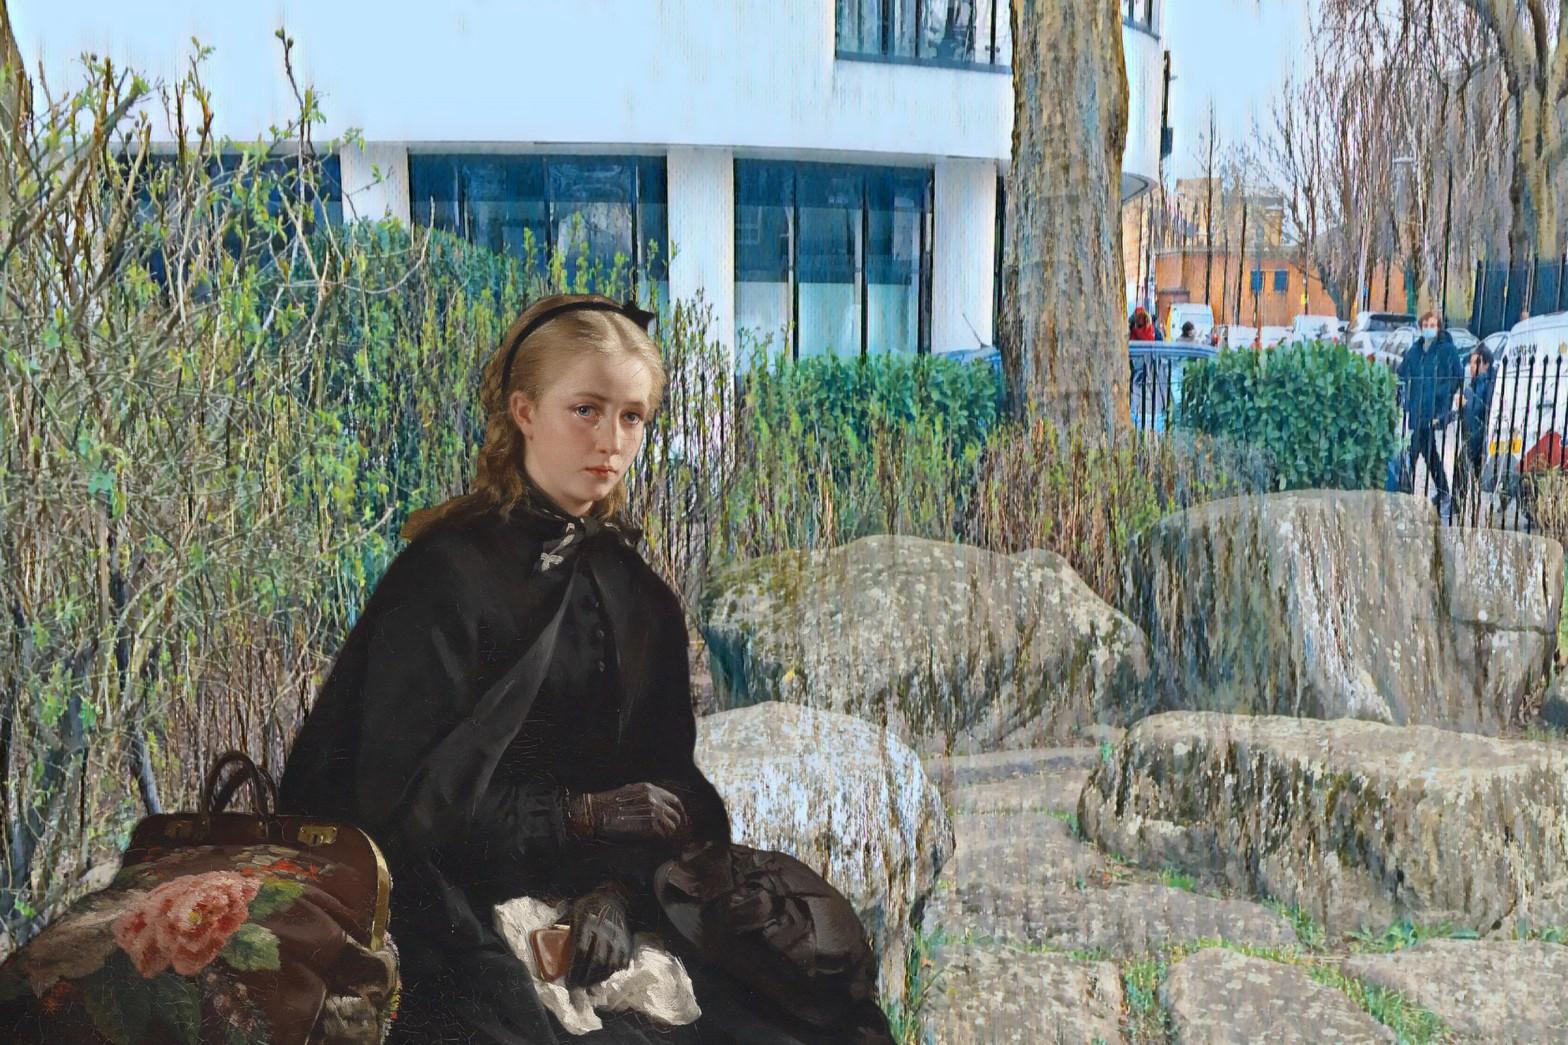 """Berthold Woltze's """"Der lästige Kavalier"""" (The Annoying Gentleman) (1874) in Twinkle Park in Deptford"""